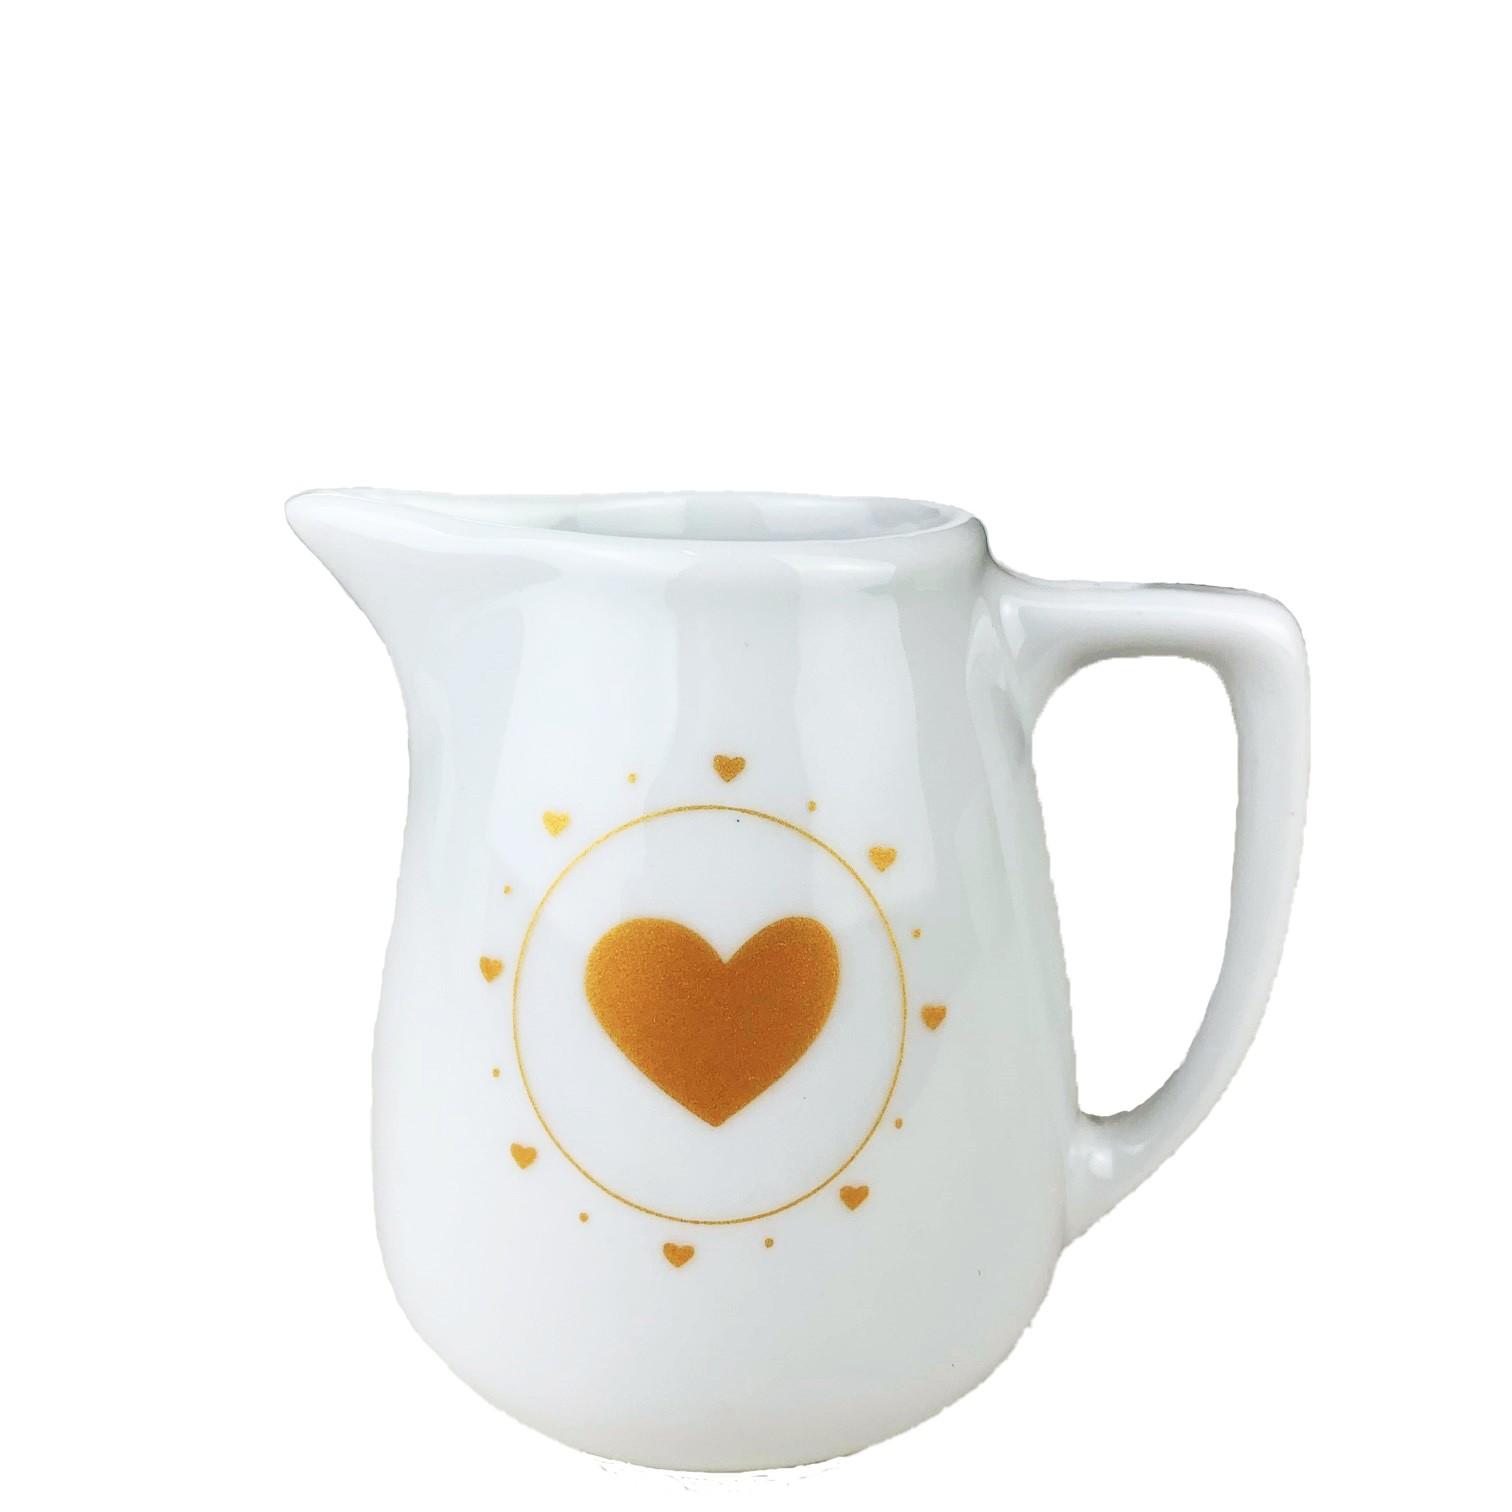 Jarrinha leiteira em porcelana, 170 ml, coleção exclusiva Golden Mary